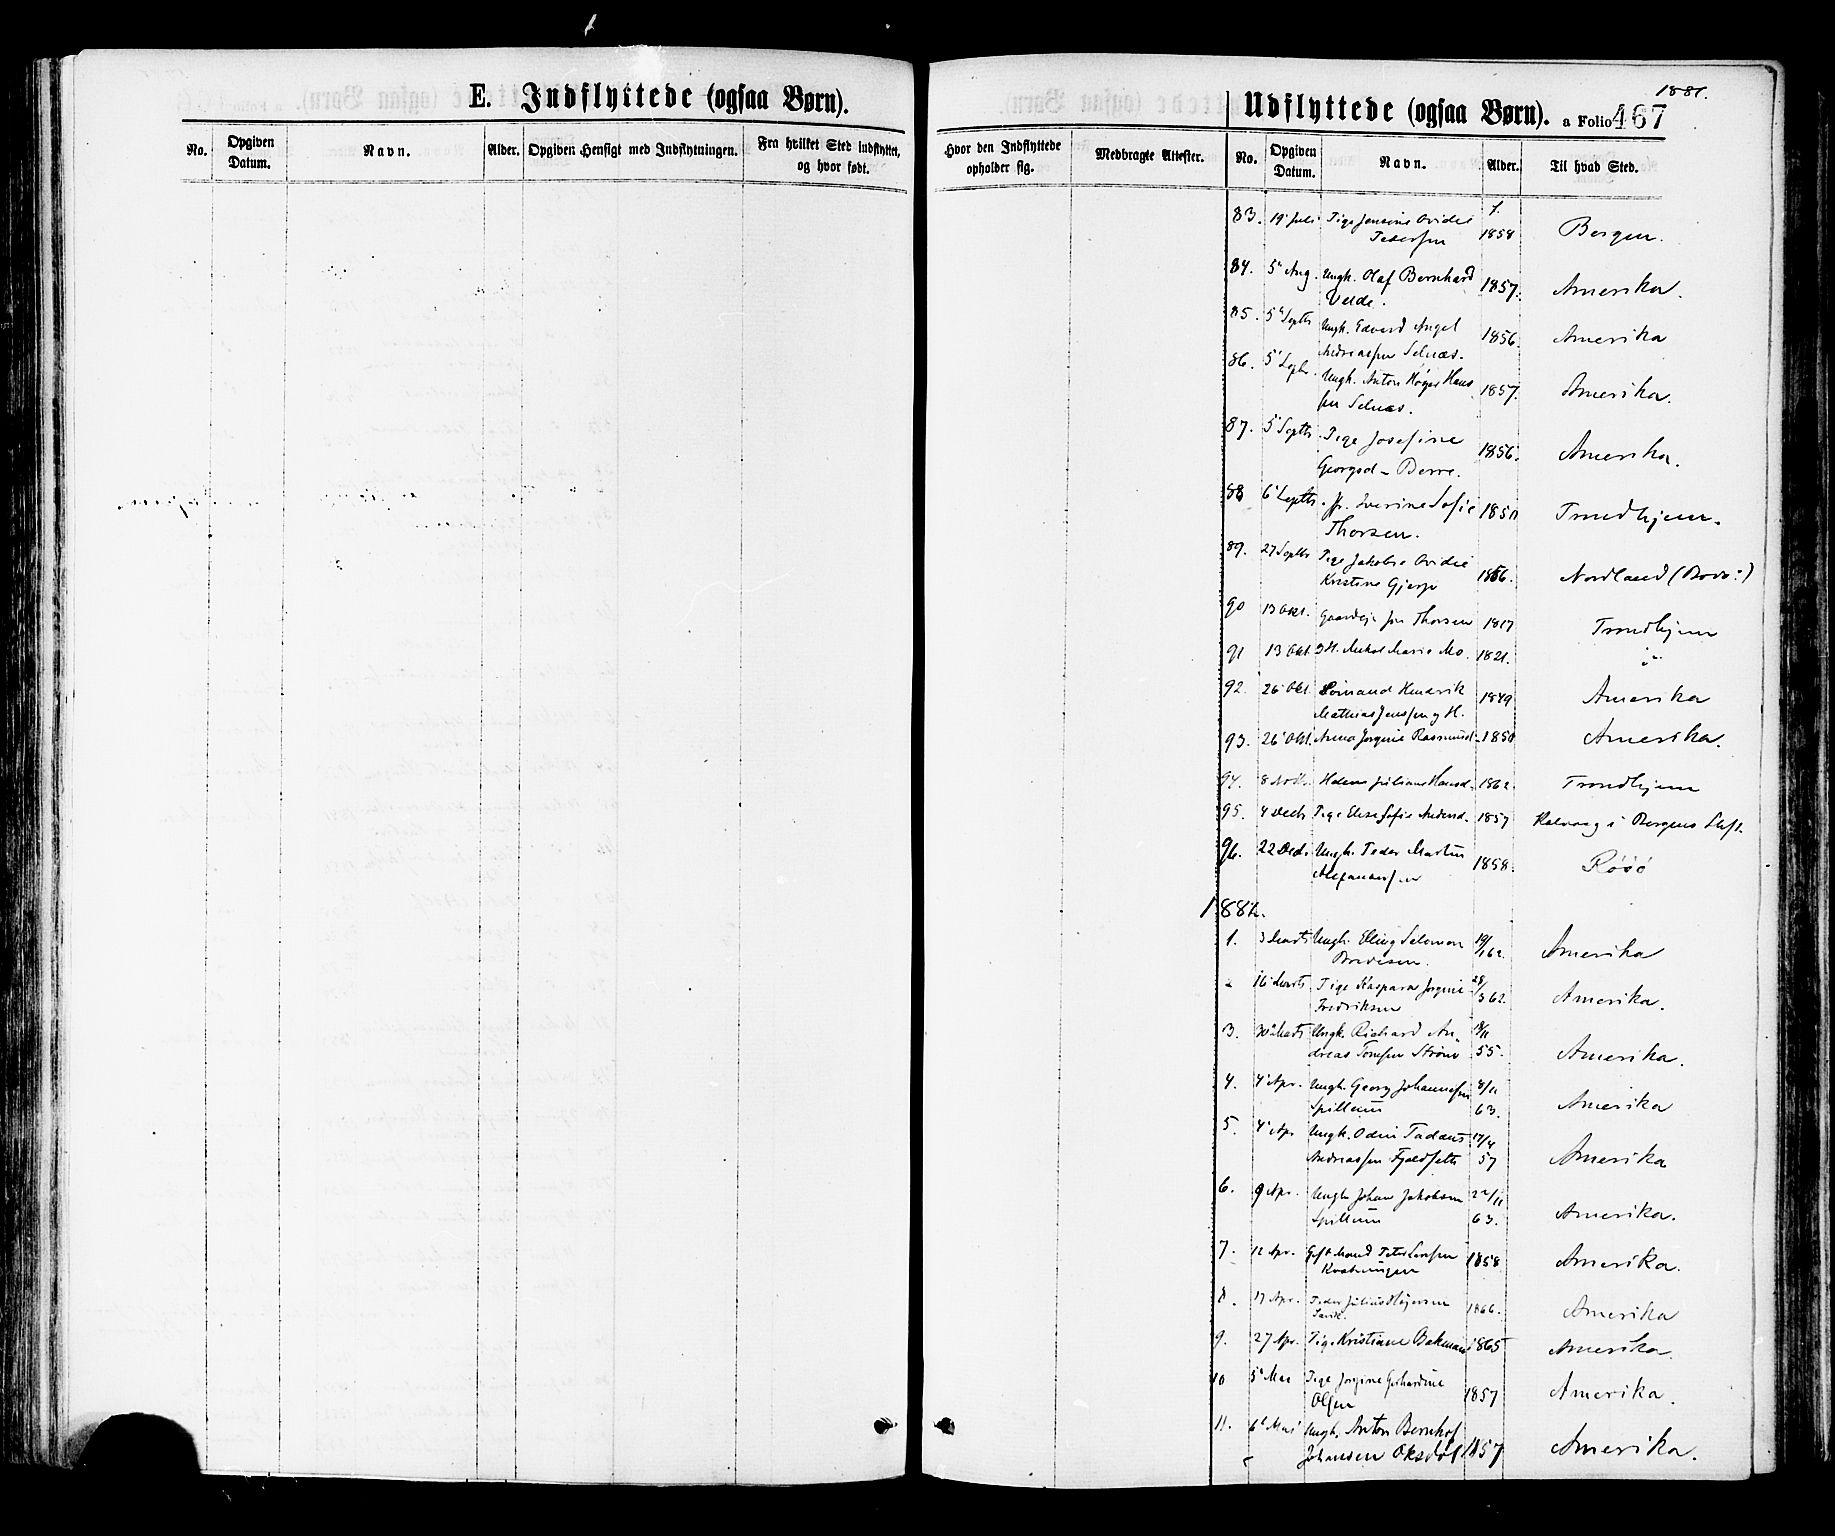 SAT, Ministerialprotokoller, klokkerbøker og fødselsregistre - Nord-Trøndelag, 768/L0572: Ministerialbok nr. 768A07, 1874-1886, s. 467